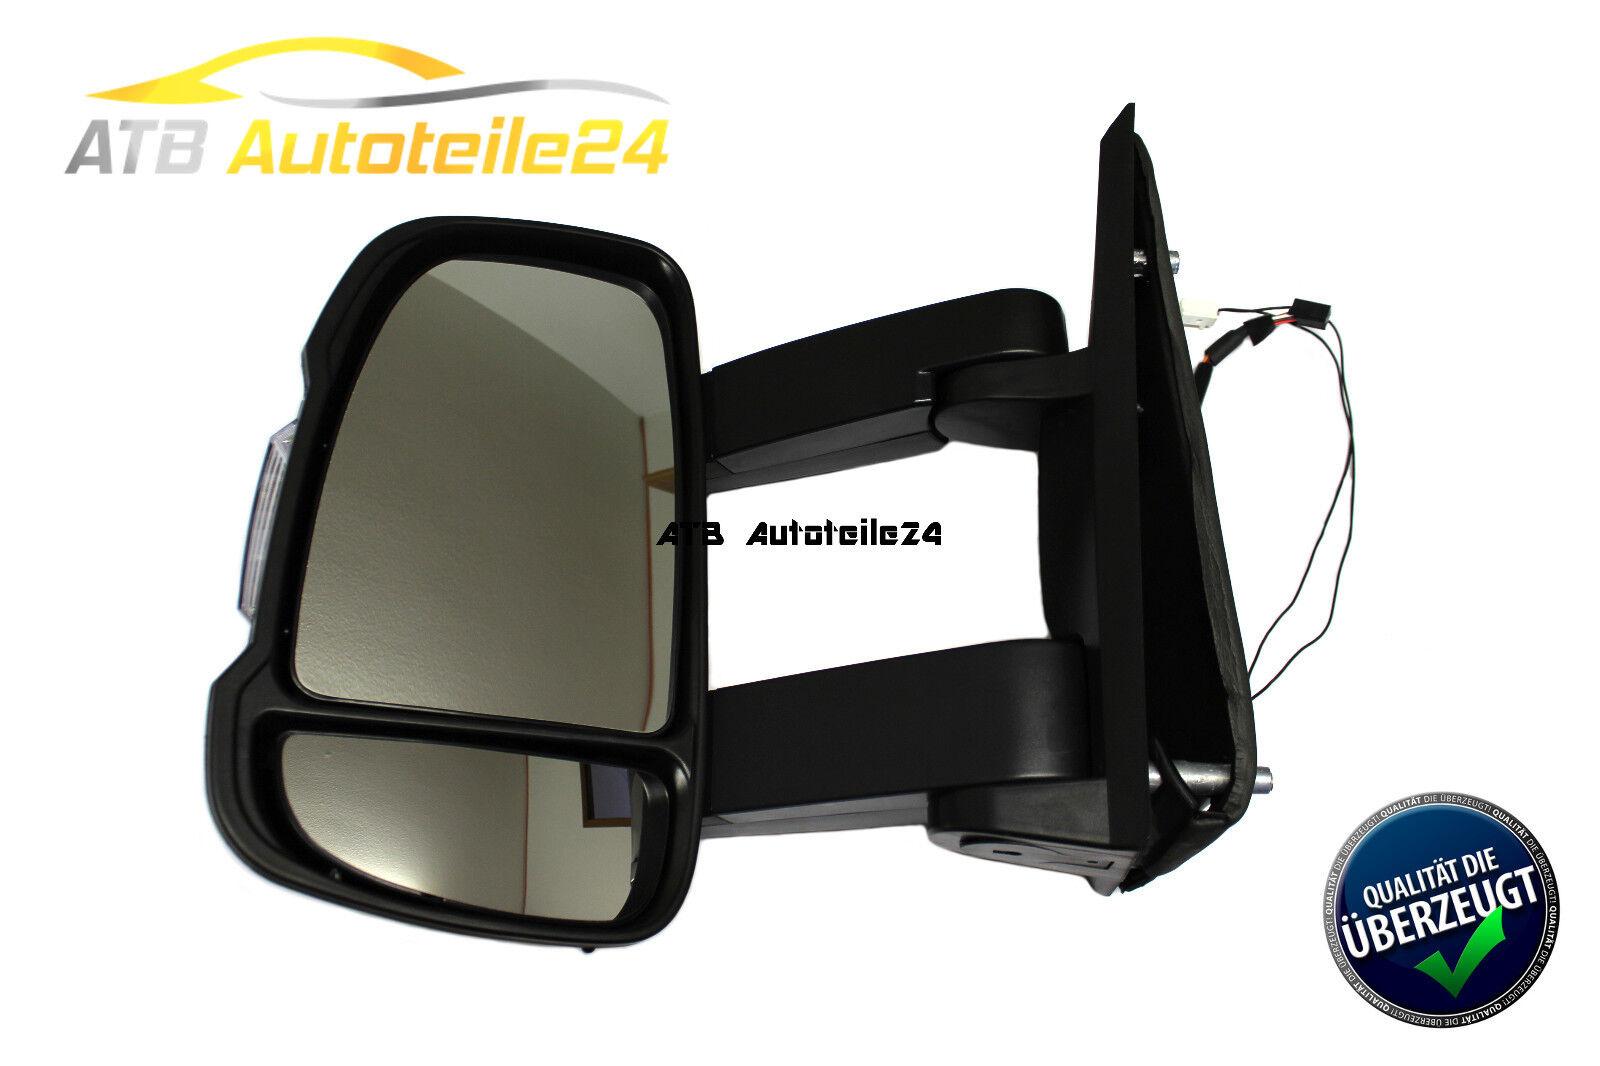 Außenspiegel langer Arm Fiat Ducato 250 Citroen Jumper Peugeot Boxer rechts